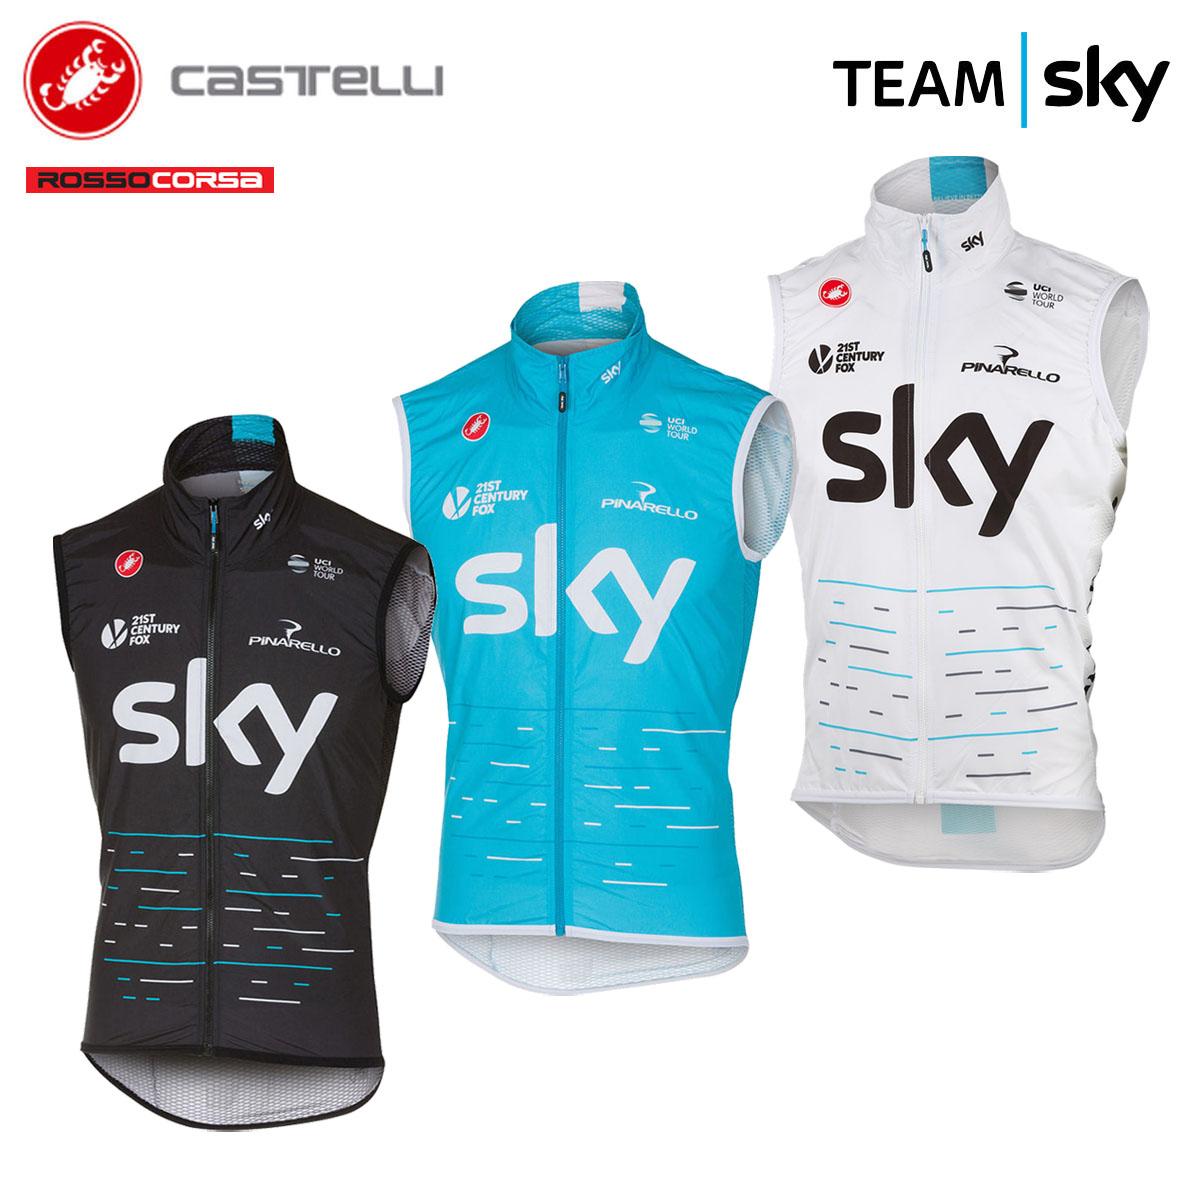 [オープン記念!]【即納】CASTELLI 7088 TEAM SKY PRO LIGHT WIND VEST カステリ チームスカイ プロ ライト ウインド 防風 ベスト/サイクルジャージ サイクリングウェア サイクル 自転車